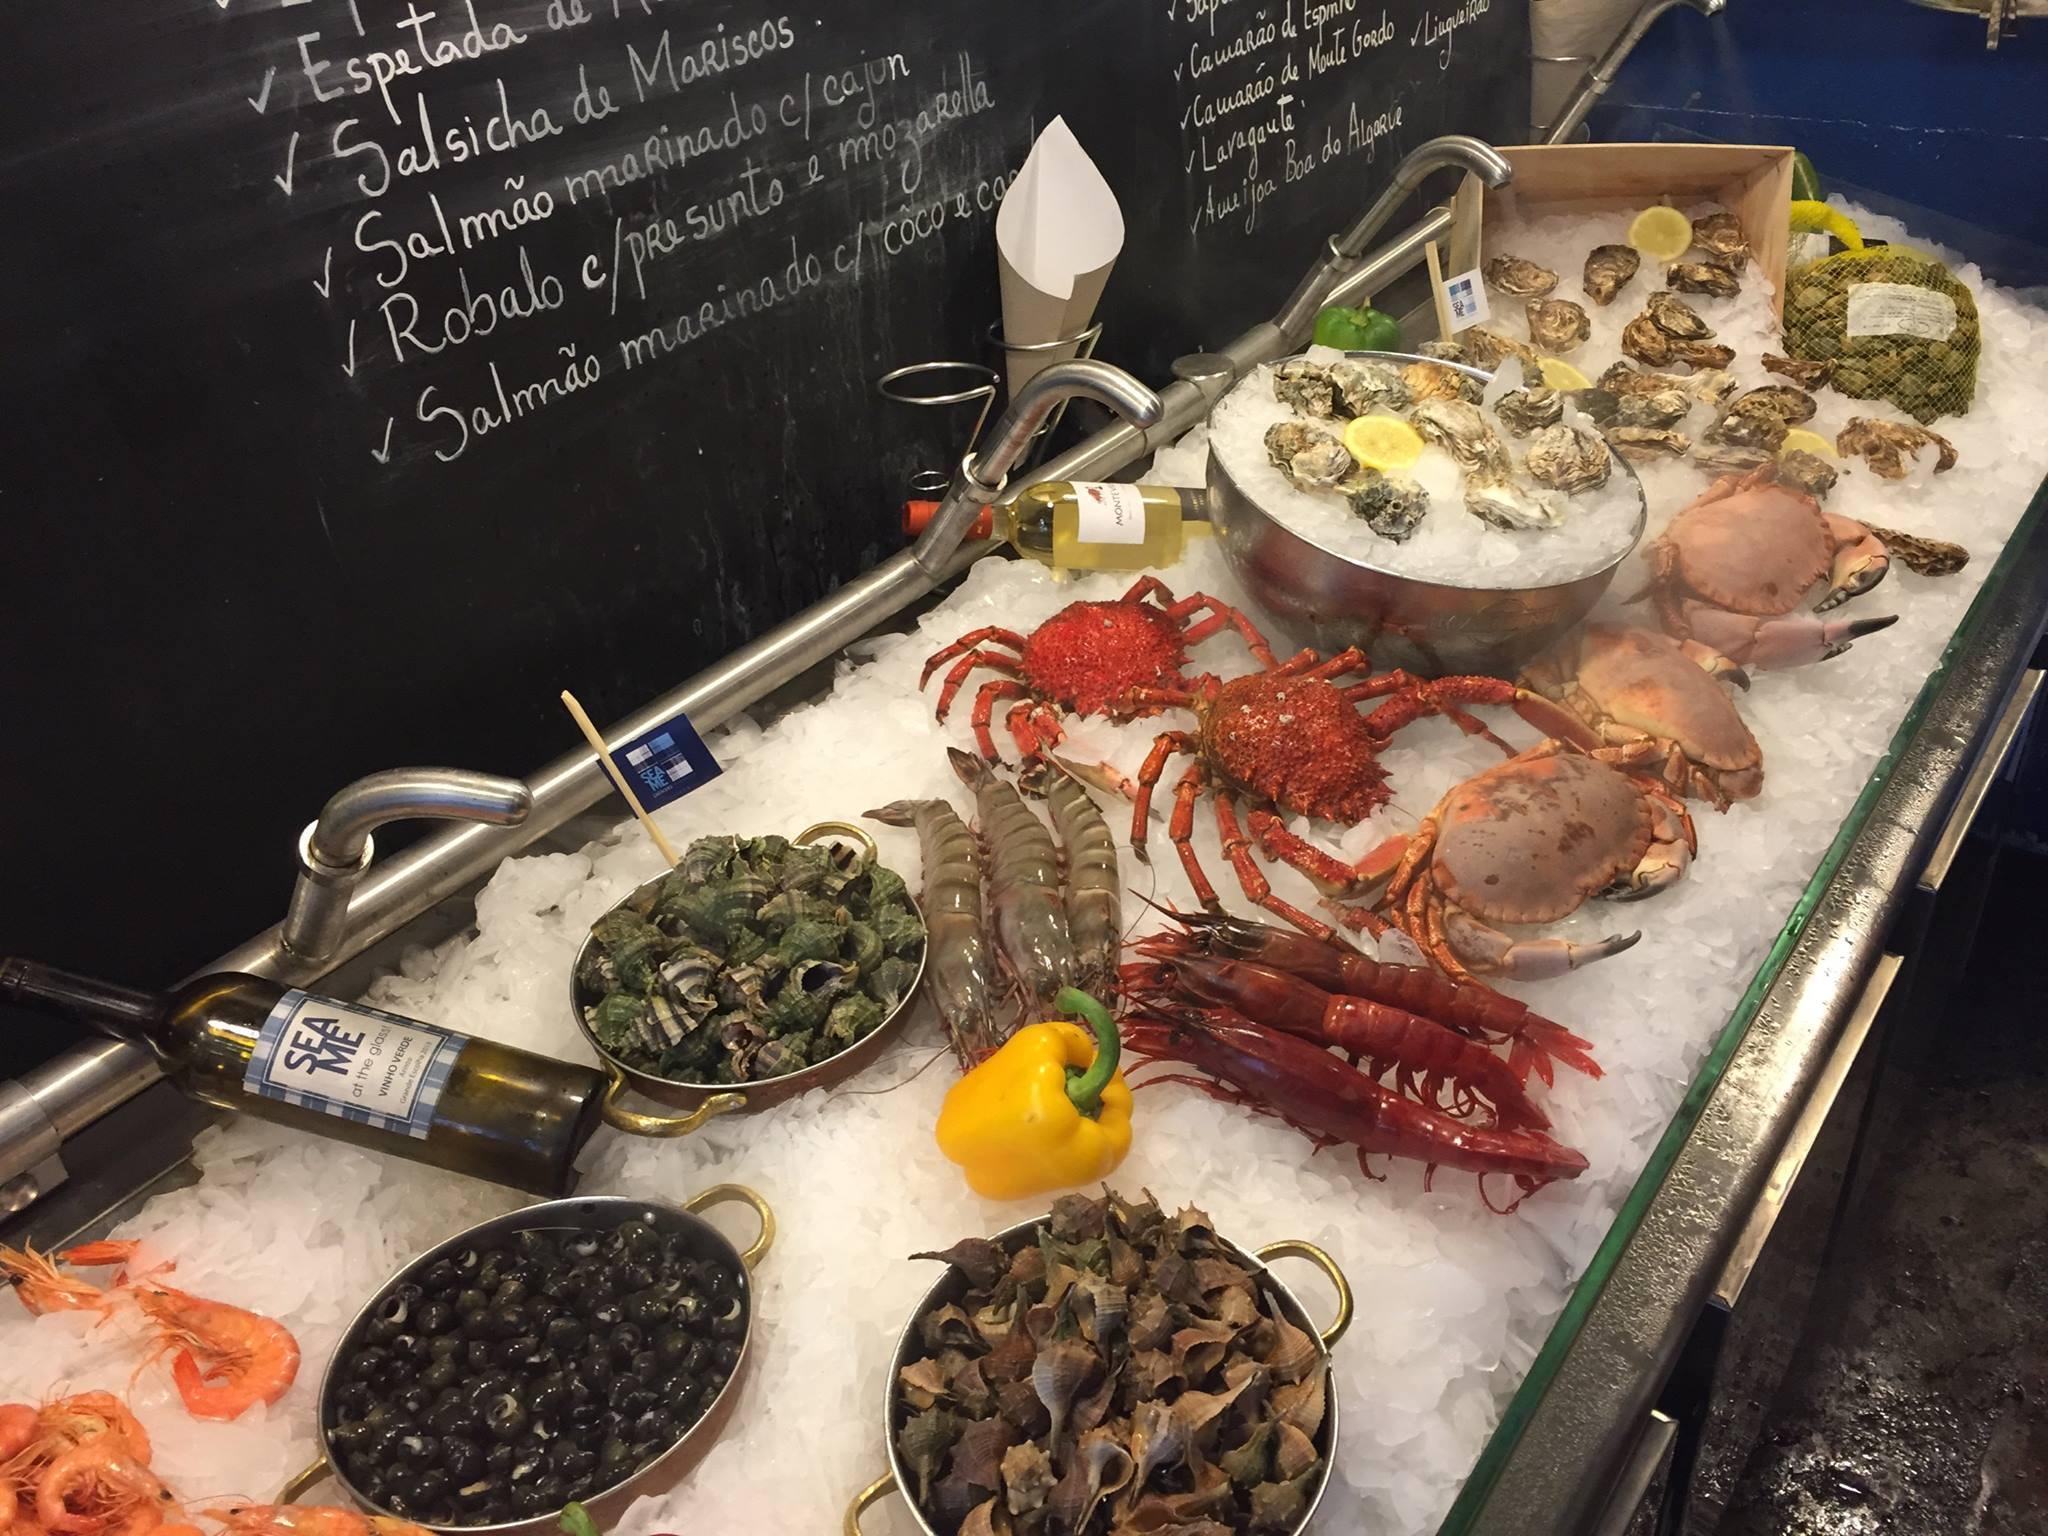 Sea Me - Peixaria Moderna - Grand choix de poissons et crustaces - Restaurant Lisbonne